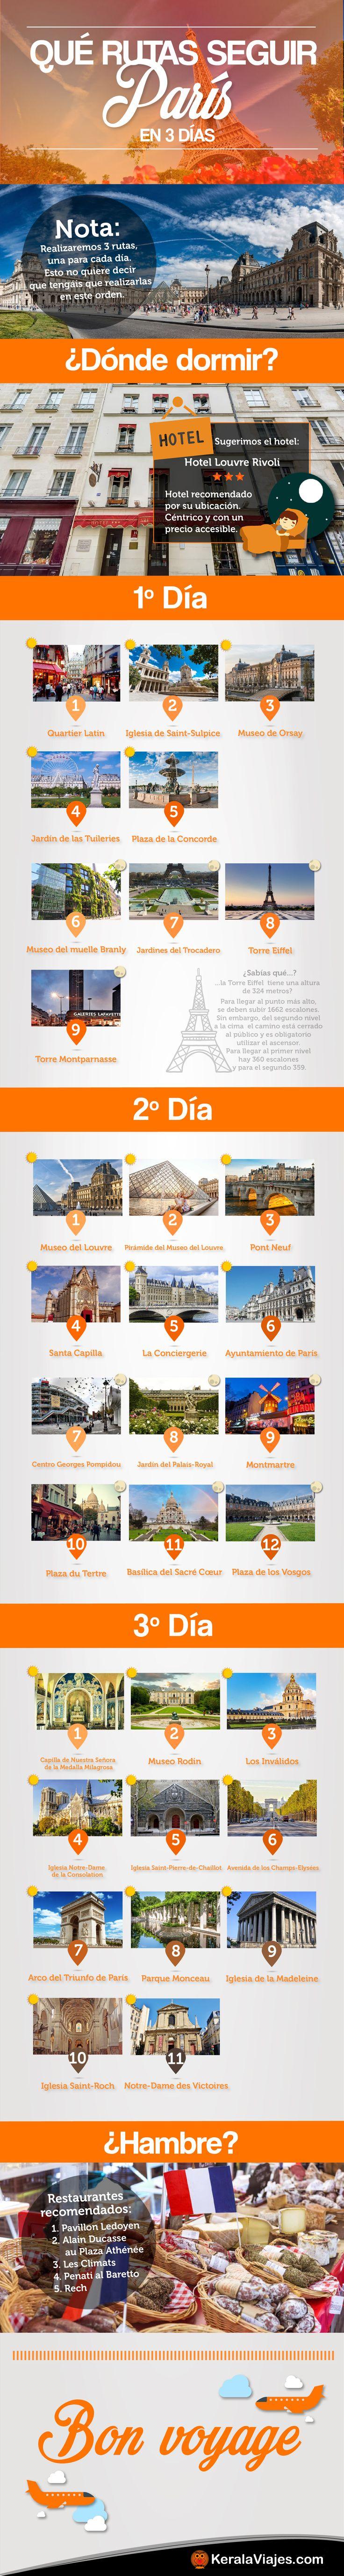 Qué ver en París en 3 Días #infografía Hemos creado una mini guía de París para no perderse nada de la ciudad del Amor en 3 días, sabemos que es poco para una ciudad con tantos monumentos y atractivos, pero gracias a esta guía nos podemos organizar bien ¿No crees?